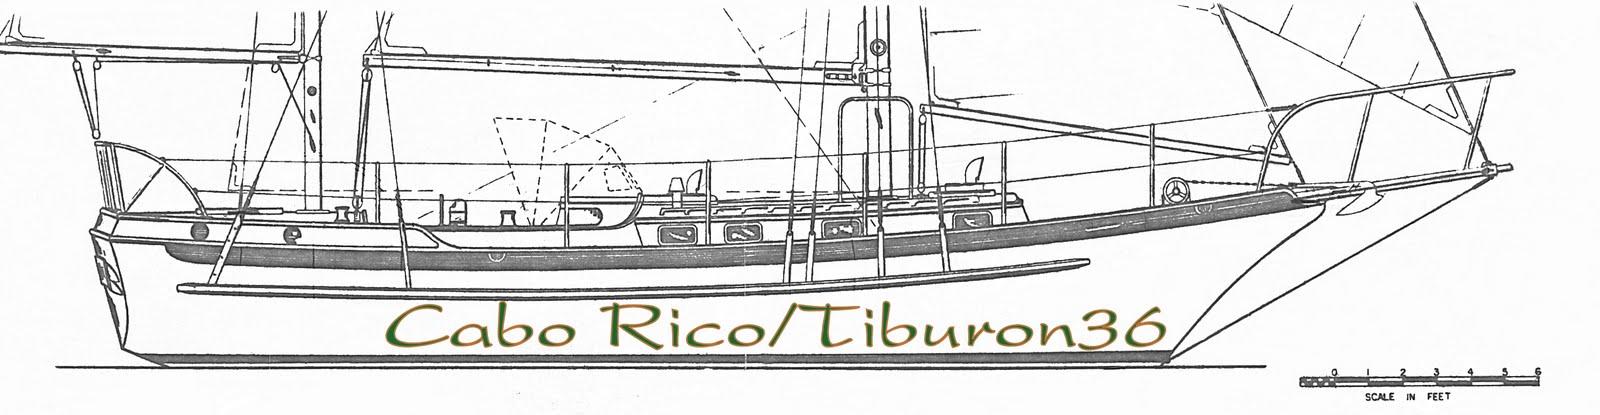 Cabo Rico_Tiburon36